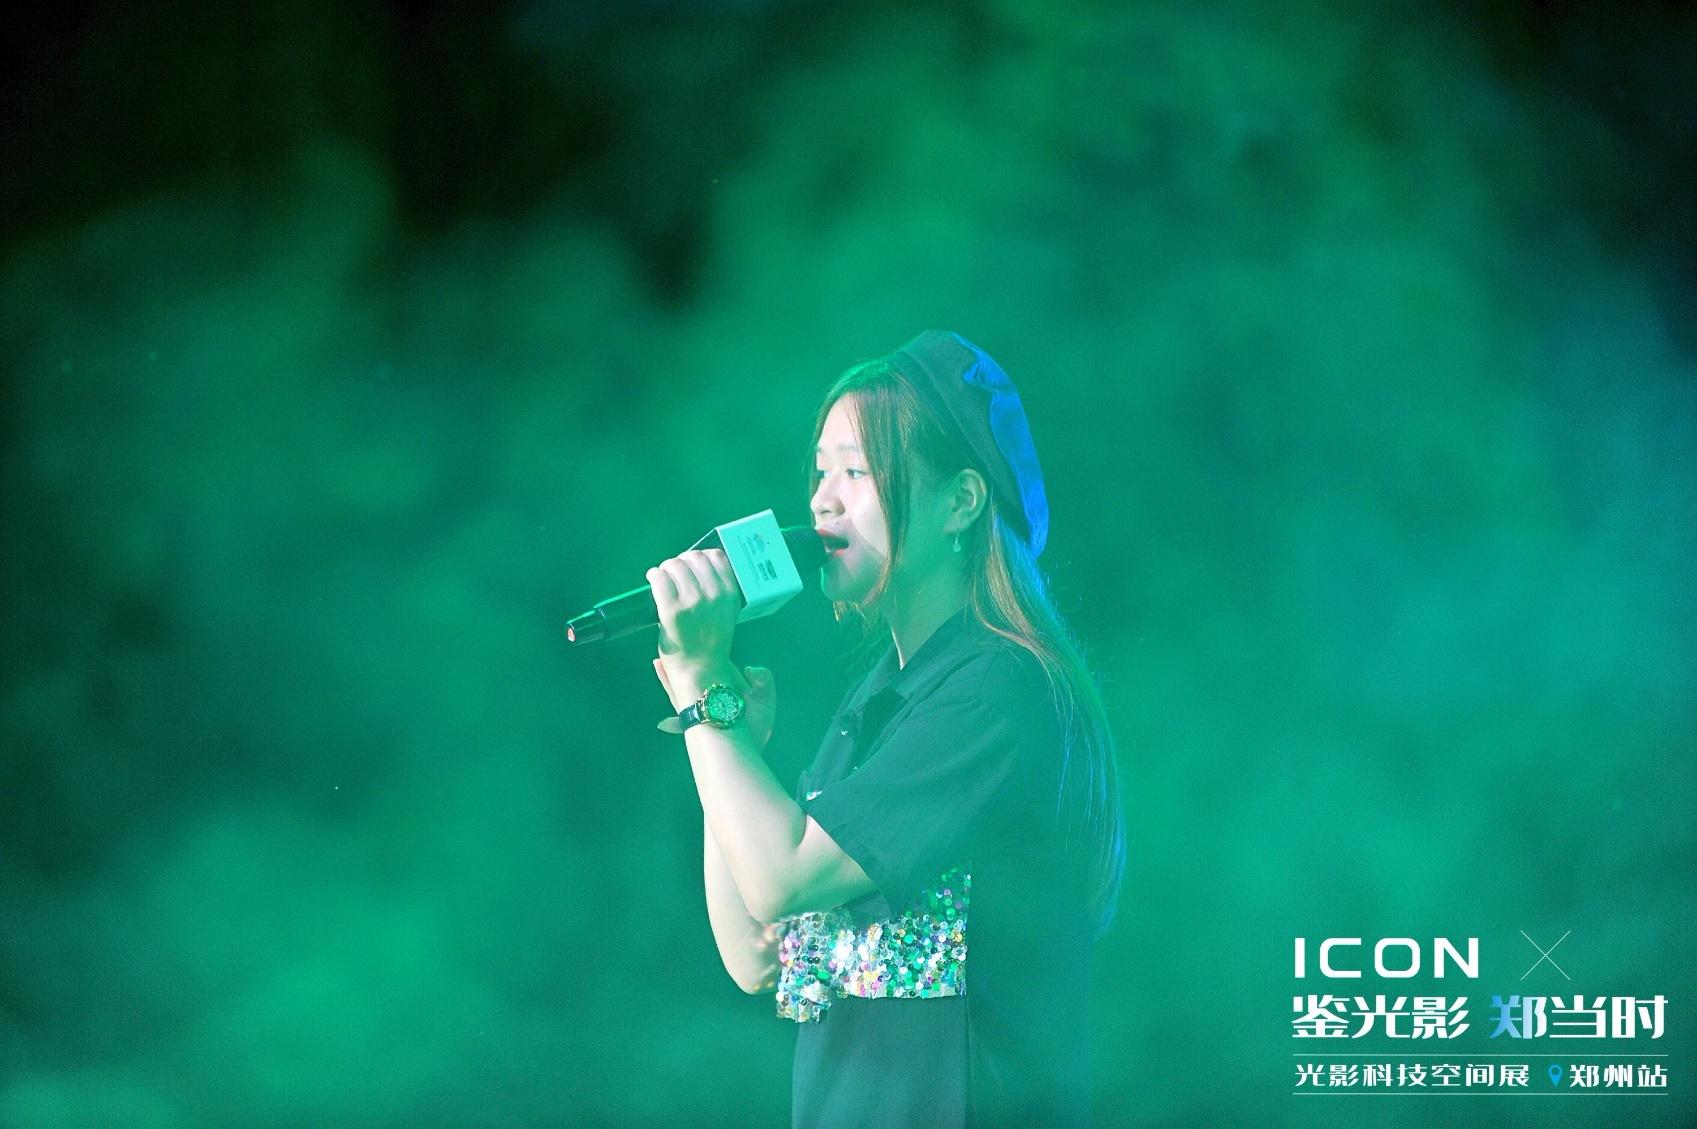 鉴光影·郑当时吉利 ICON光影科技空间展郑州站完美收官